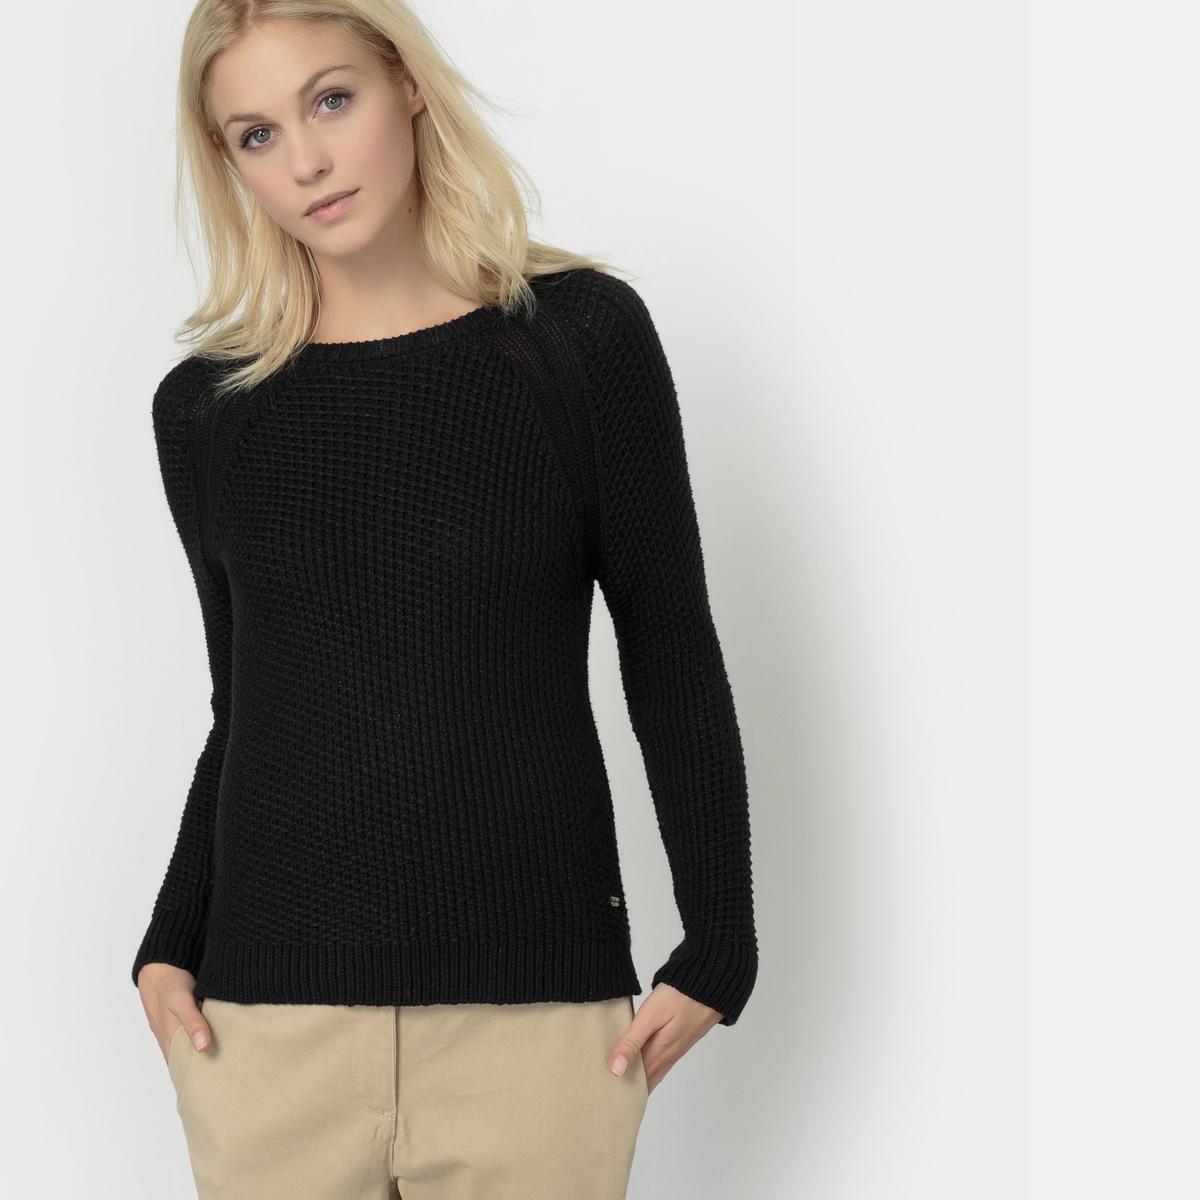 Пуловер с длинными рукавами, PENNYСостав и описаниеМарка: PEPE JEANS.Модель: PENNYМатериал: 40% акрила, 32% хлопка, 28% полиамида.<br><br>Цвет: черный<br>Размер: M